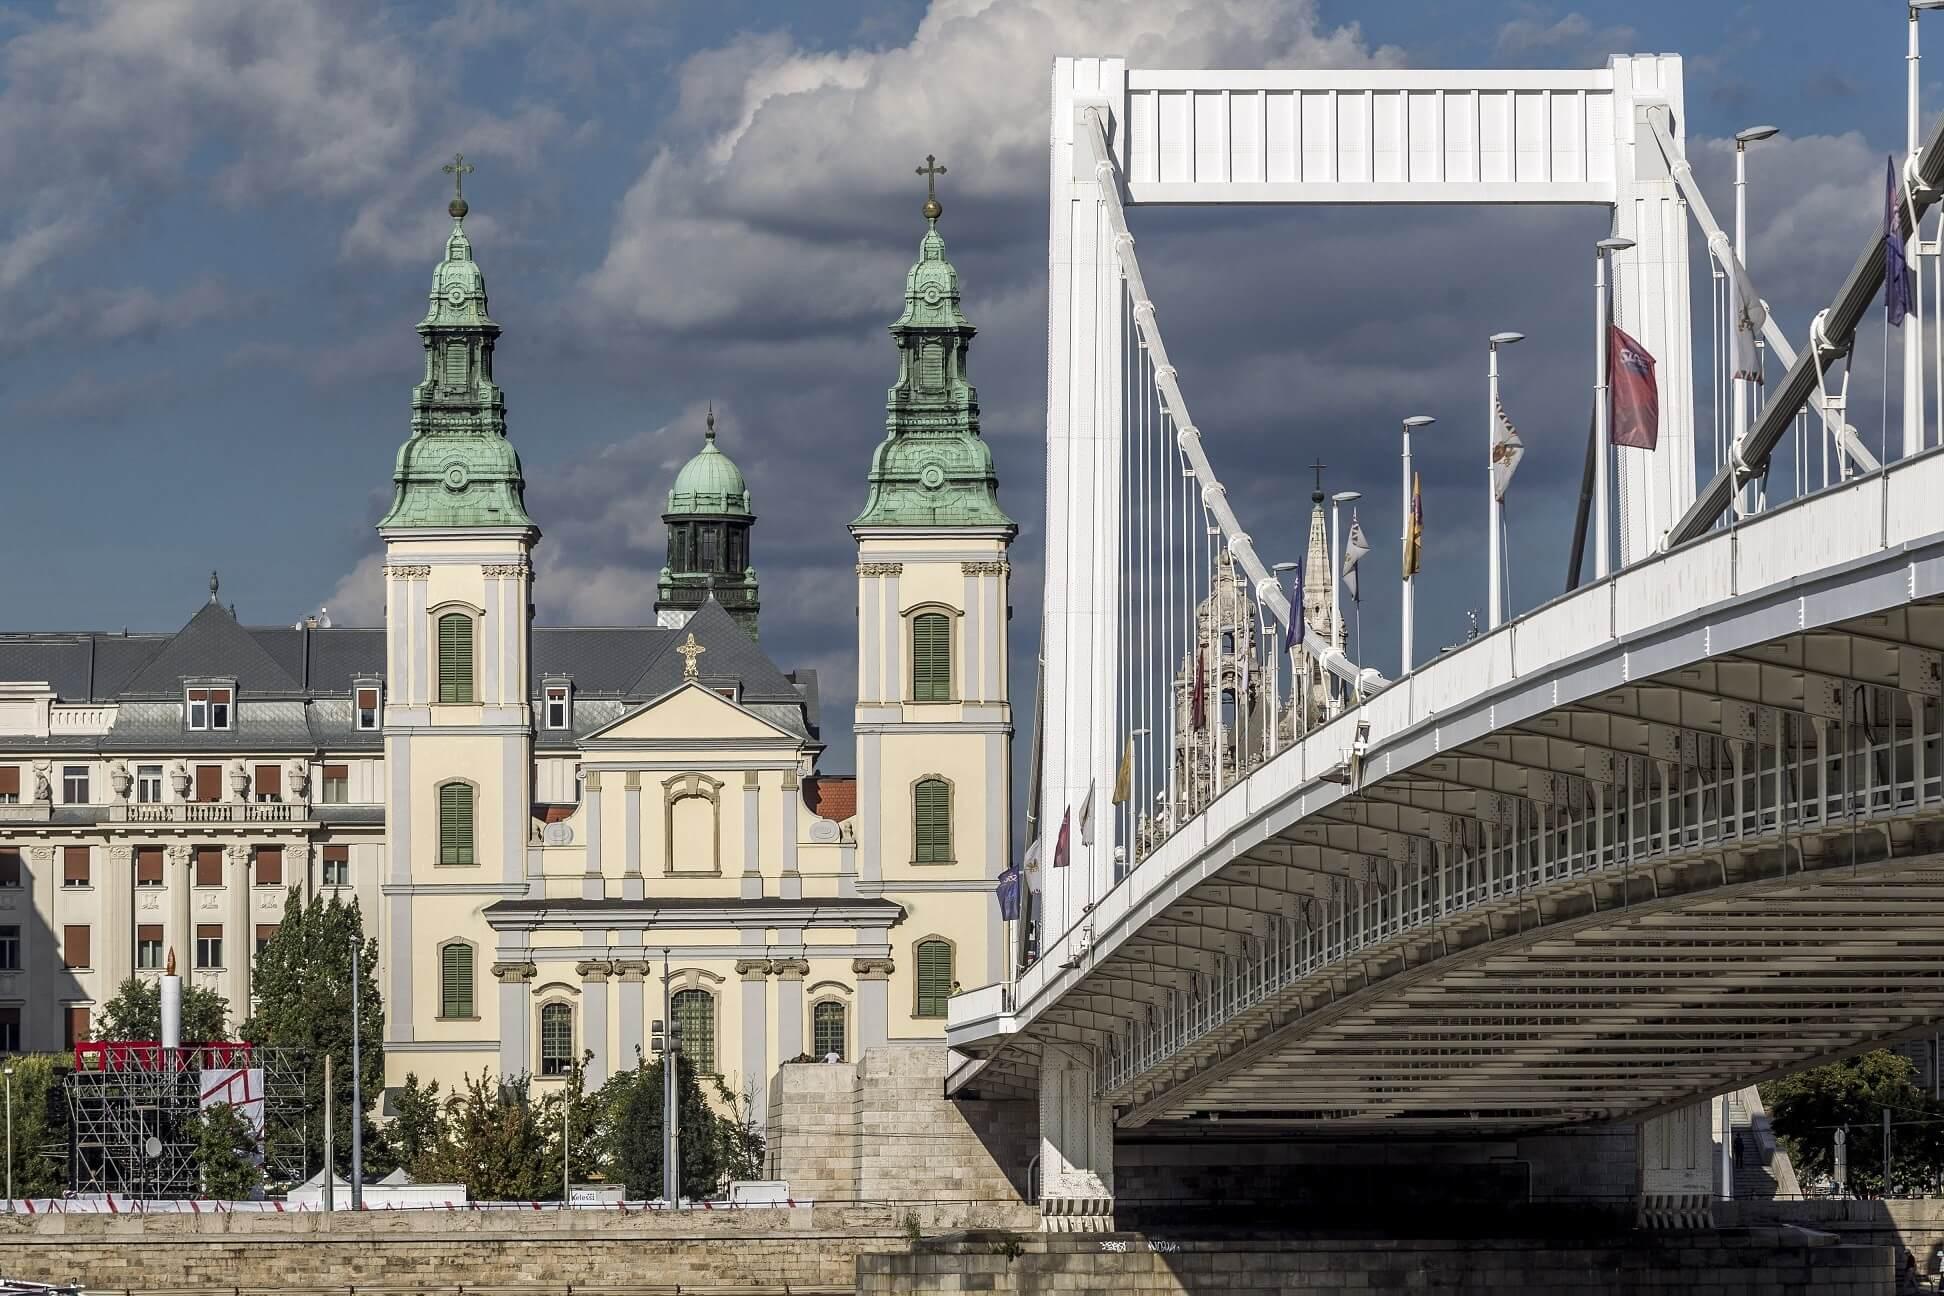 A felújított Belvárosi Főplébánia alatt román kori bazilikát is feltártak